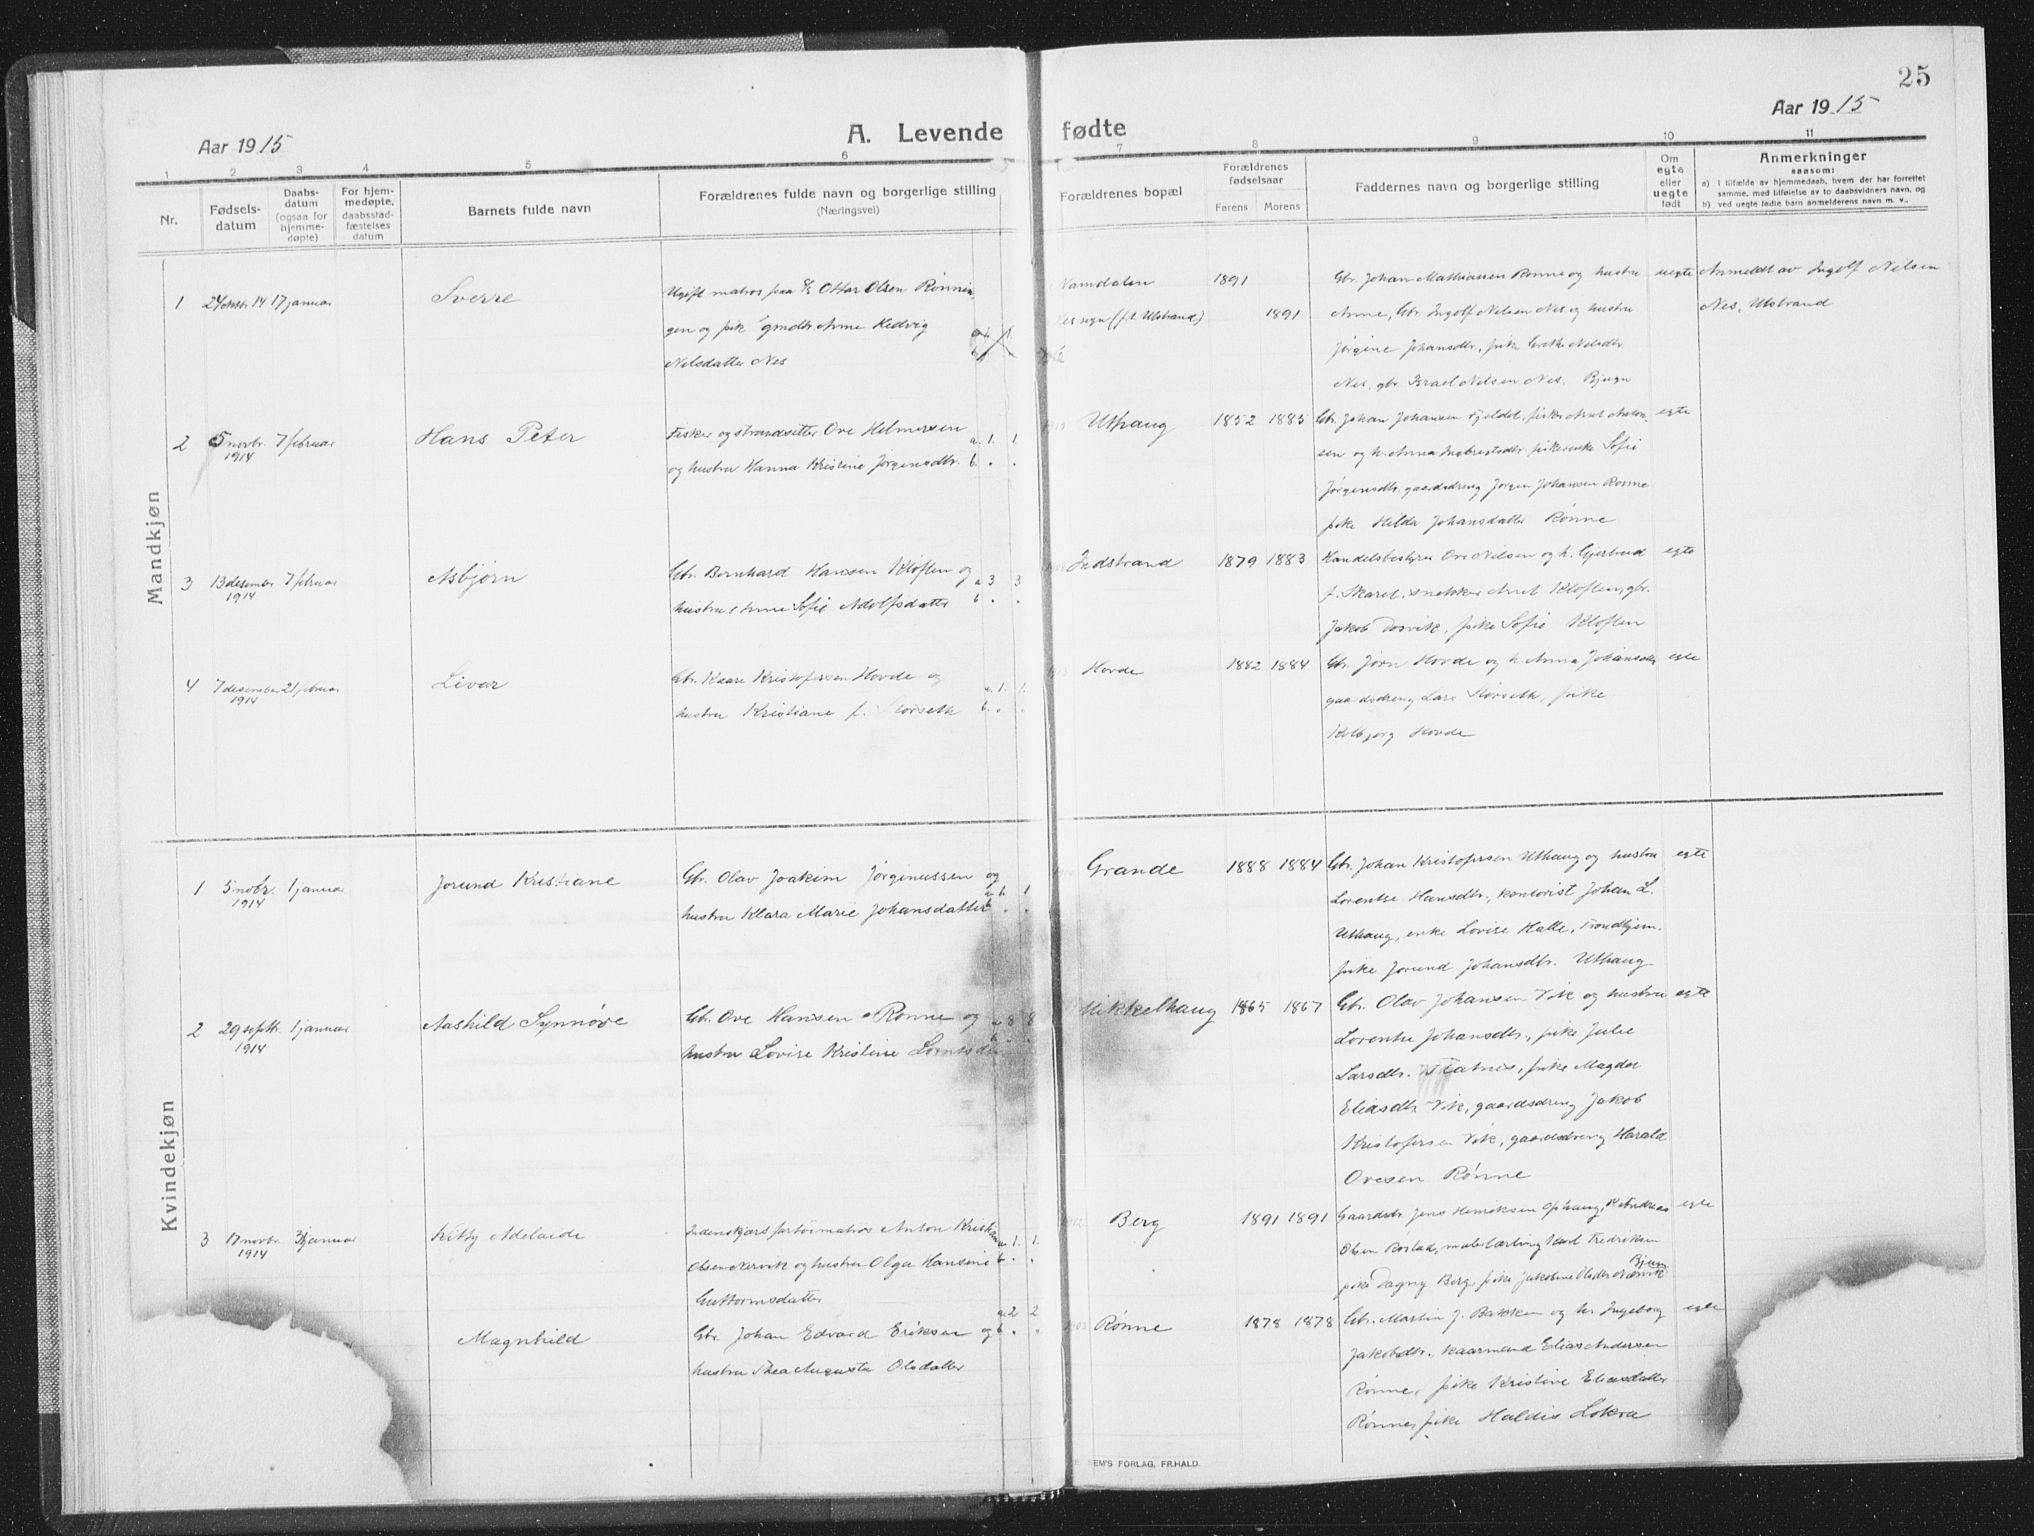 SAT, Ministerialprotokoller, klokkerbøker og fødselsregistre - Sør-Trøndelag, 659/L0747: Klokkerbok nr. 659C04, 1913-1938, s. 25